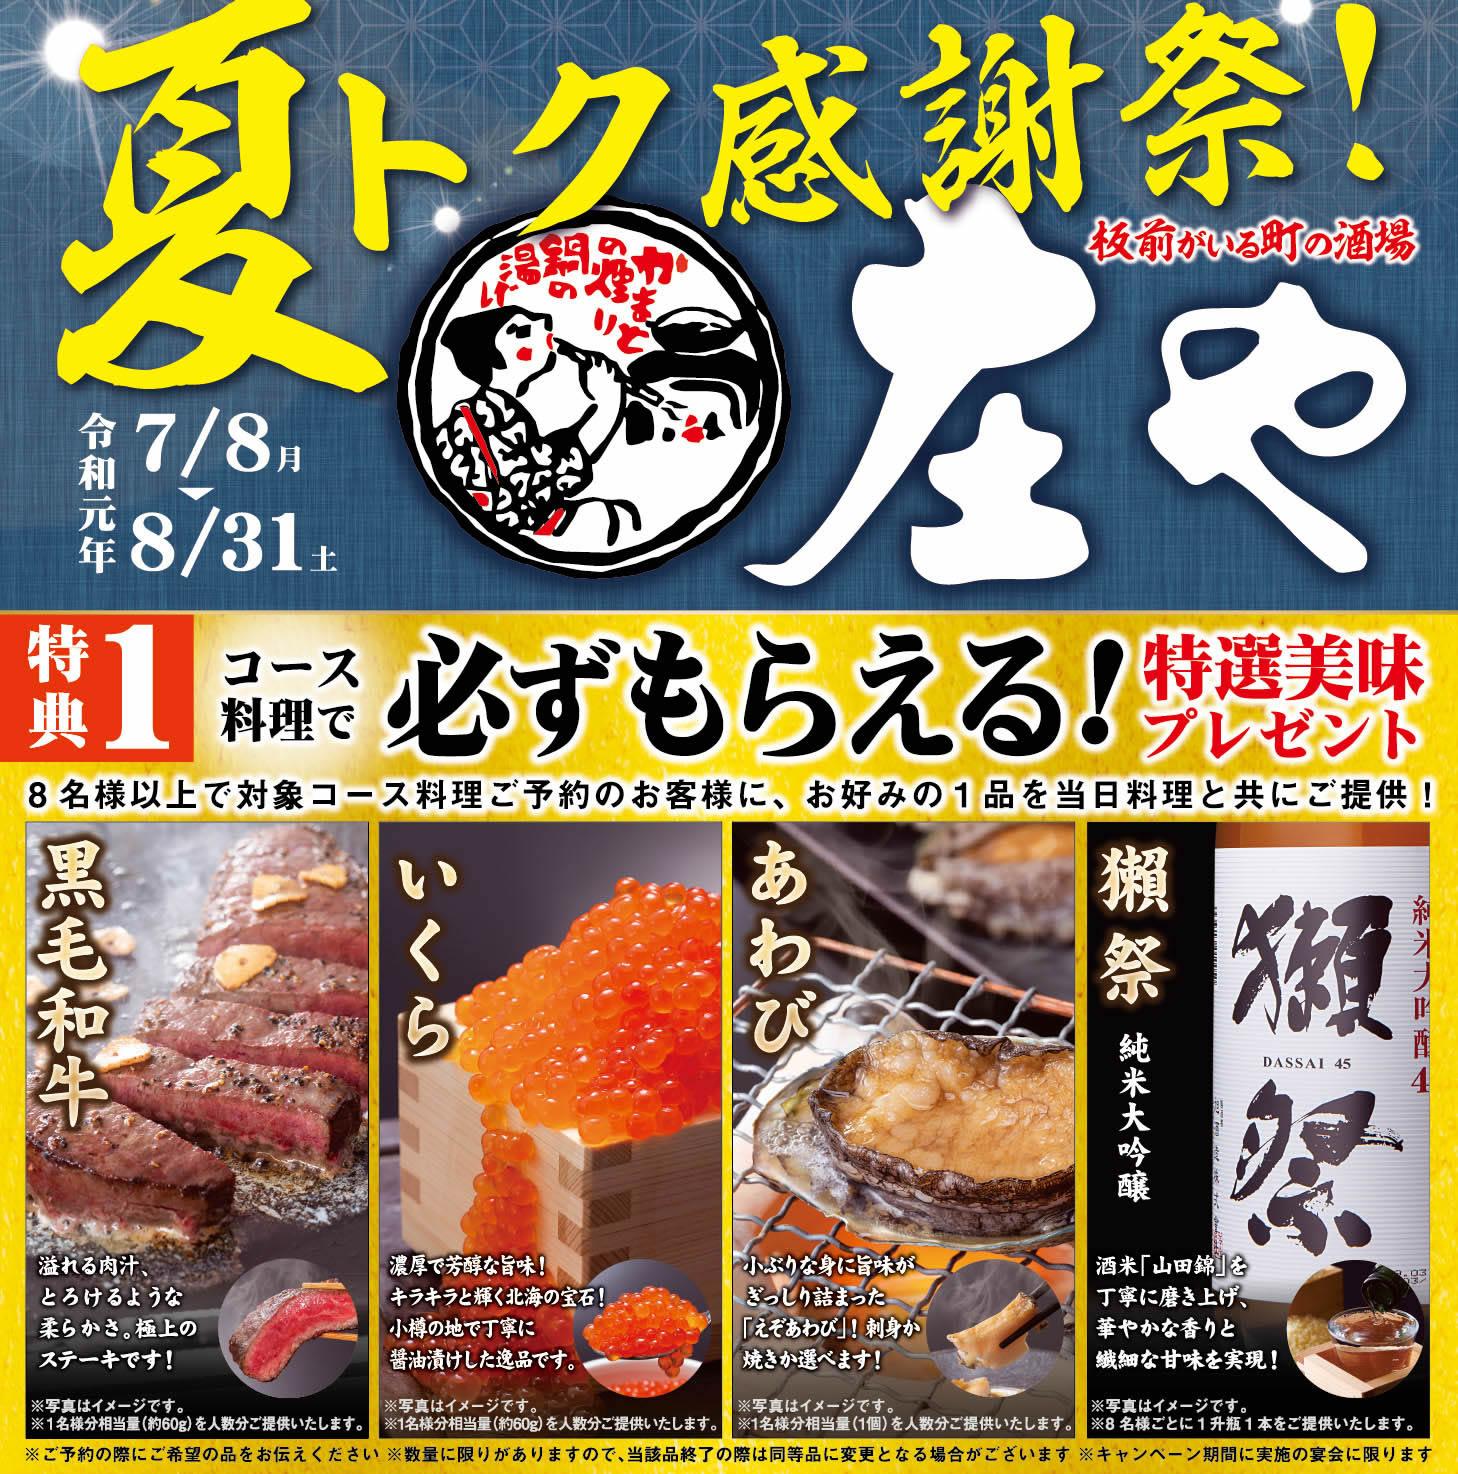 【庄や】夏トク感謝祭!対象コース料理で必ずもらえる特選美味プレゼント!